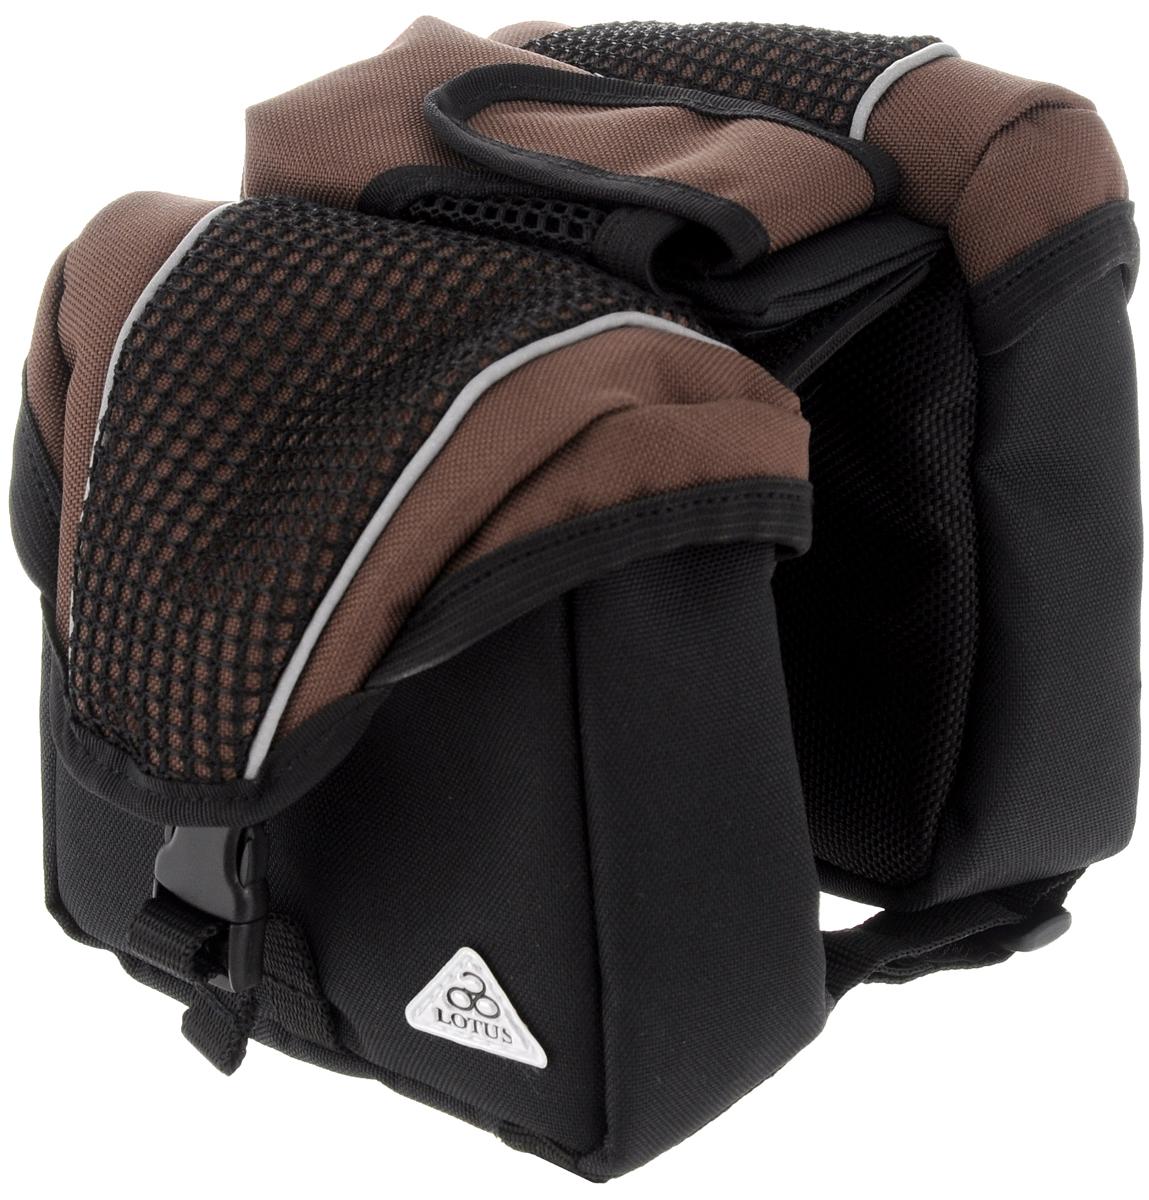 Перекидная сумка на раму велосипеда LotusSH-16/6057Перекидная сумка на раму Lotus изготовлена из плотного полиэстера и нейлона. Изделие имеет два отделения для хранения мелких вещей. Внутри каждого отделения расположен карман на резинке. Закрываются отделения на пластиковые карабины. Мягкий наполнитель защищает предметы от повреждений во время езды. По центру расположен маленький карман на липучке. Сумка крепится к раме при помощи липучек. Такая стильная и функциональная сумка поможет аккуратно хранить ваши вещи во время поездки на велосипеде.